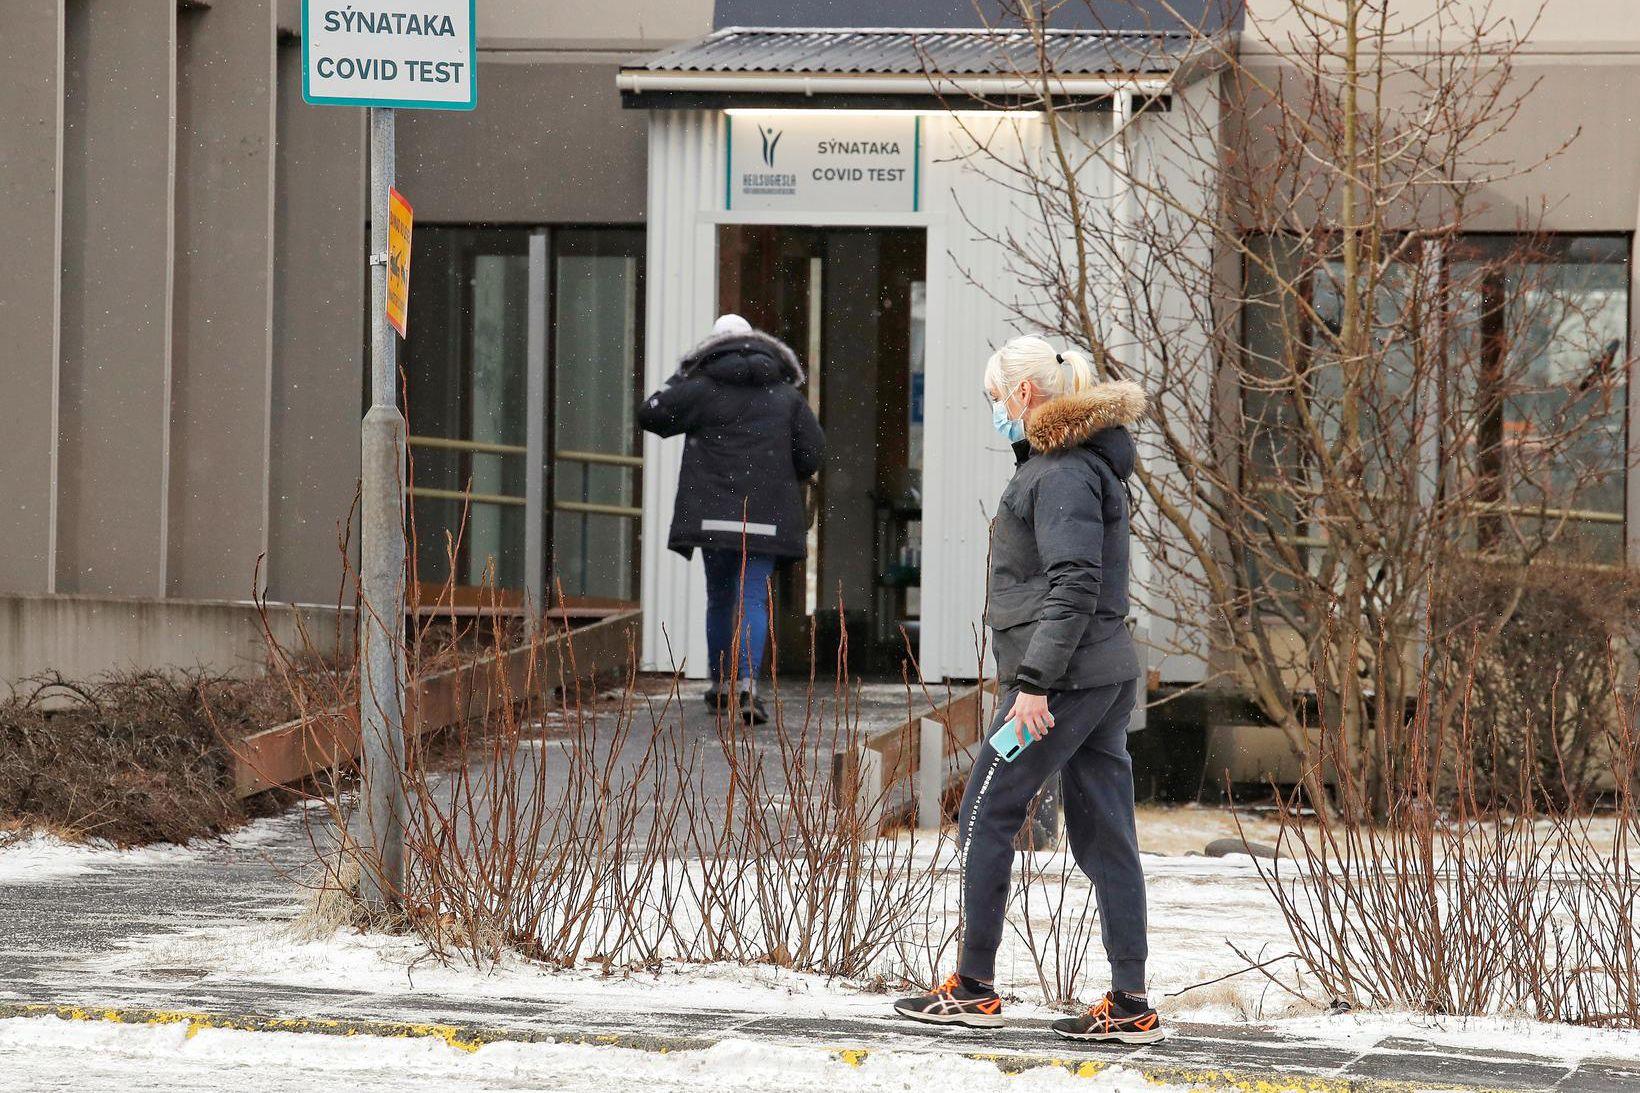 Sýnataka á Suðurlandsbraut 11.